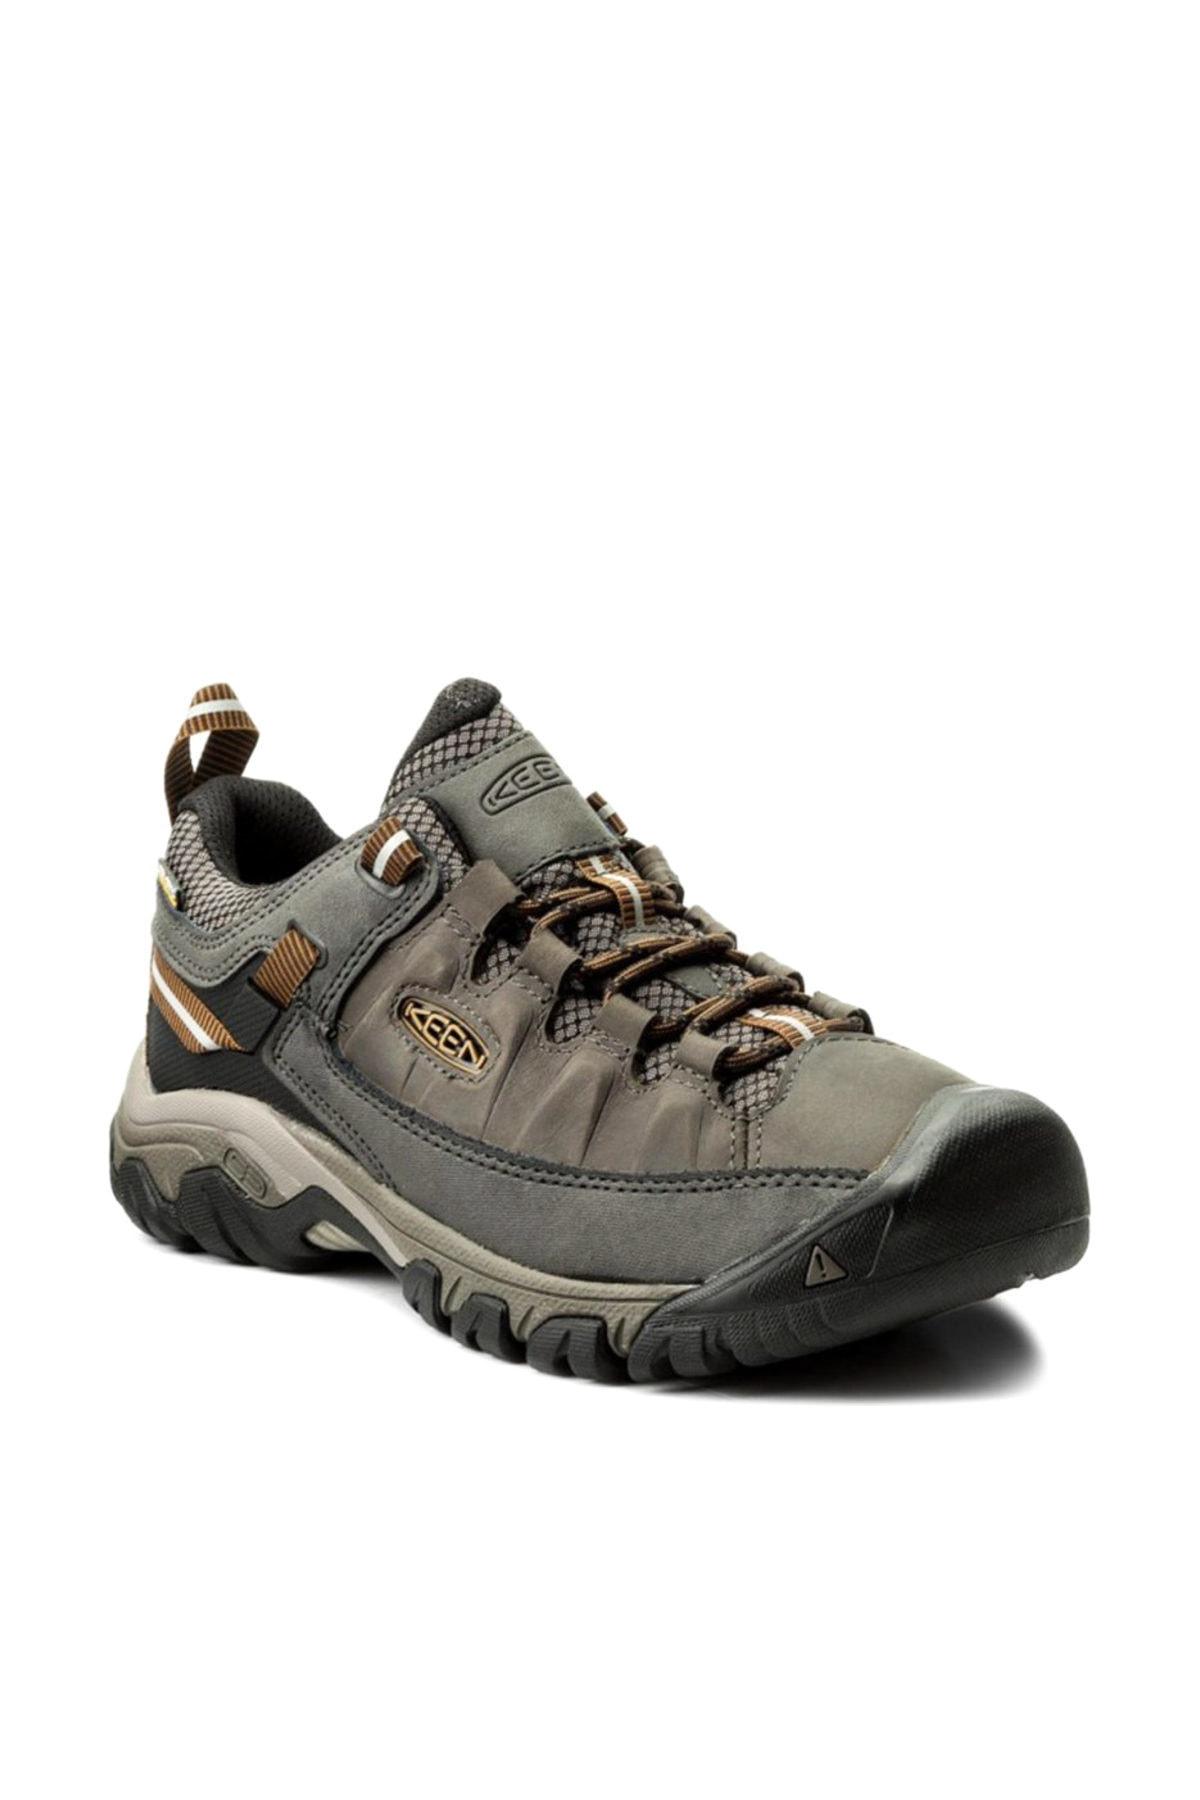 Keen Targhee III Waterproof Erkek Ayakkabı - 1017784 1